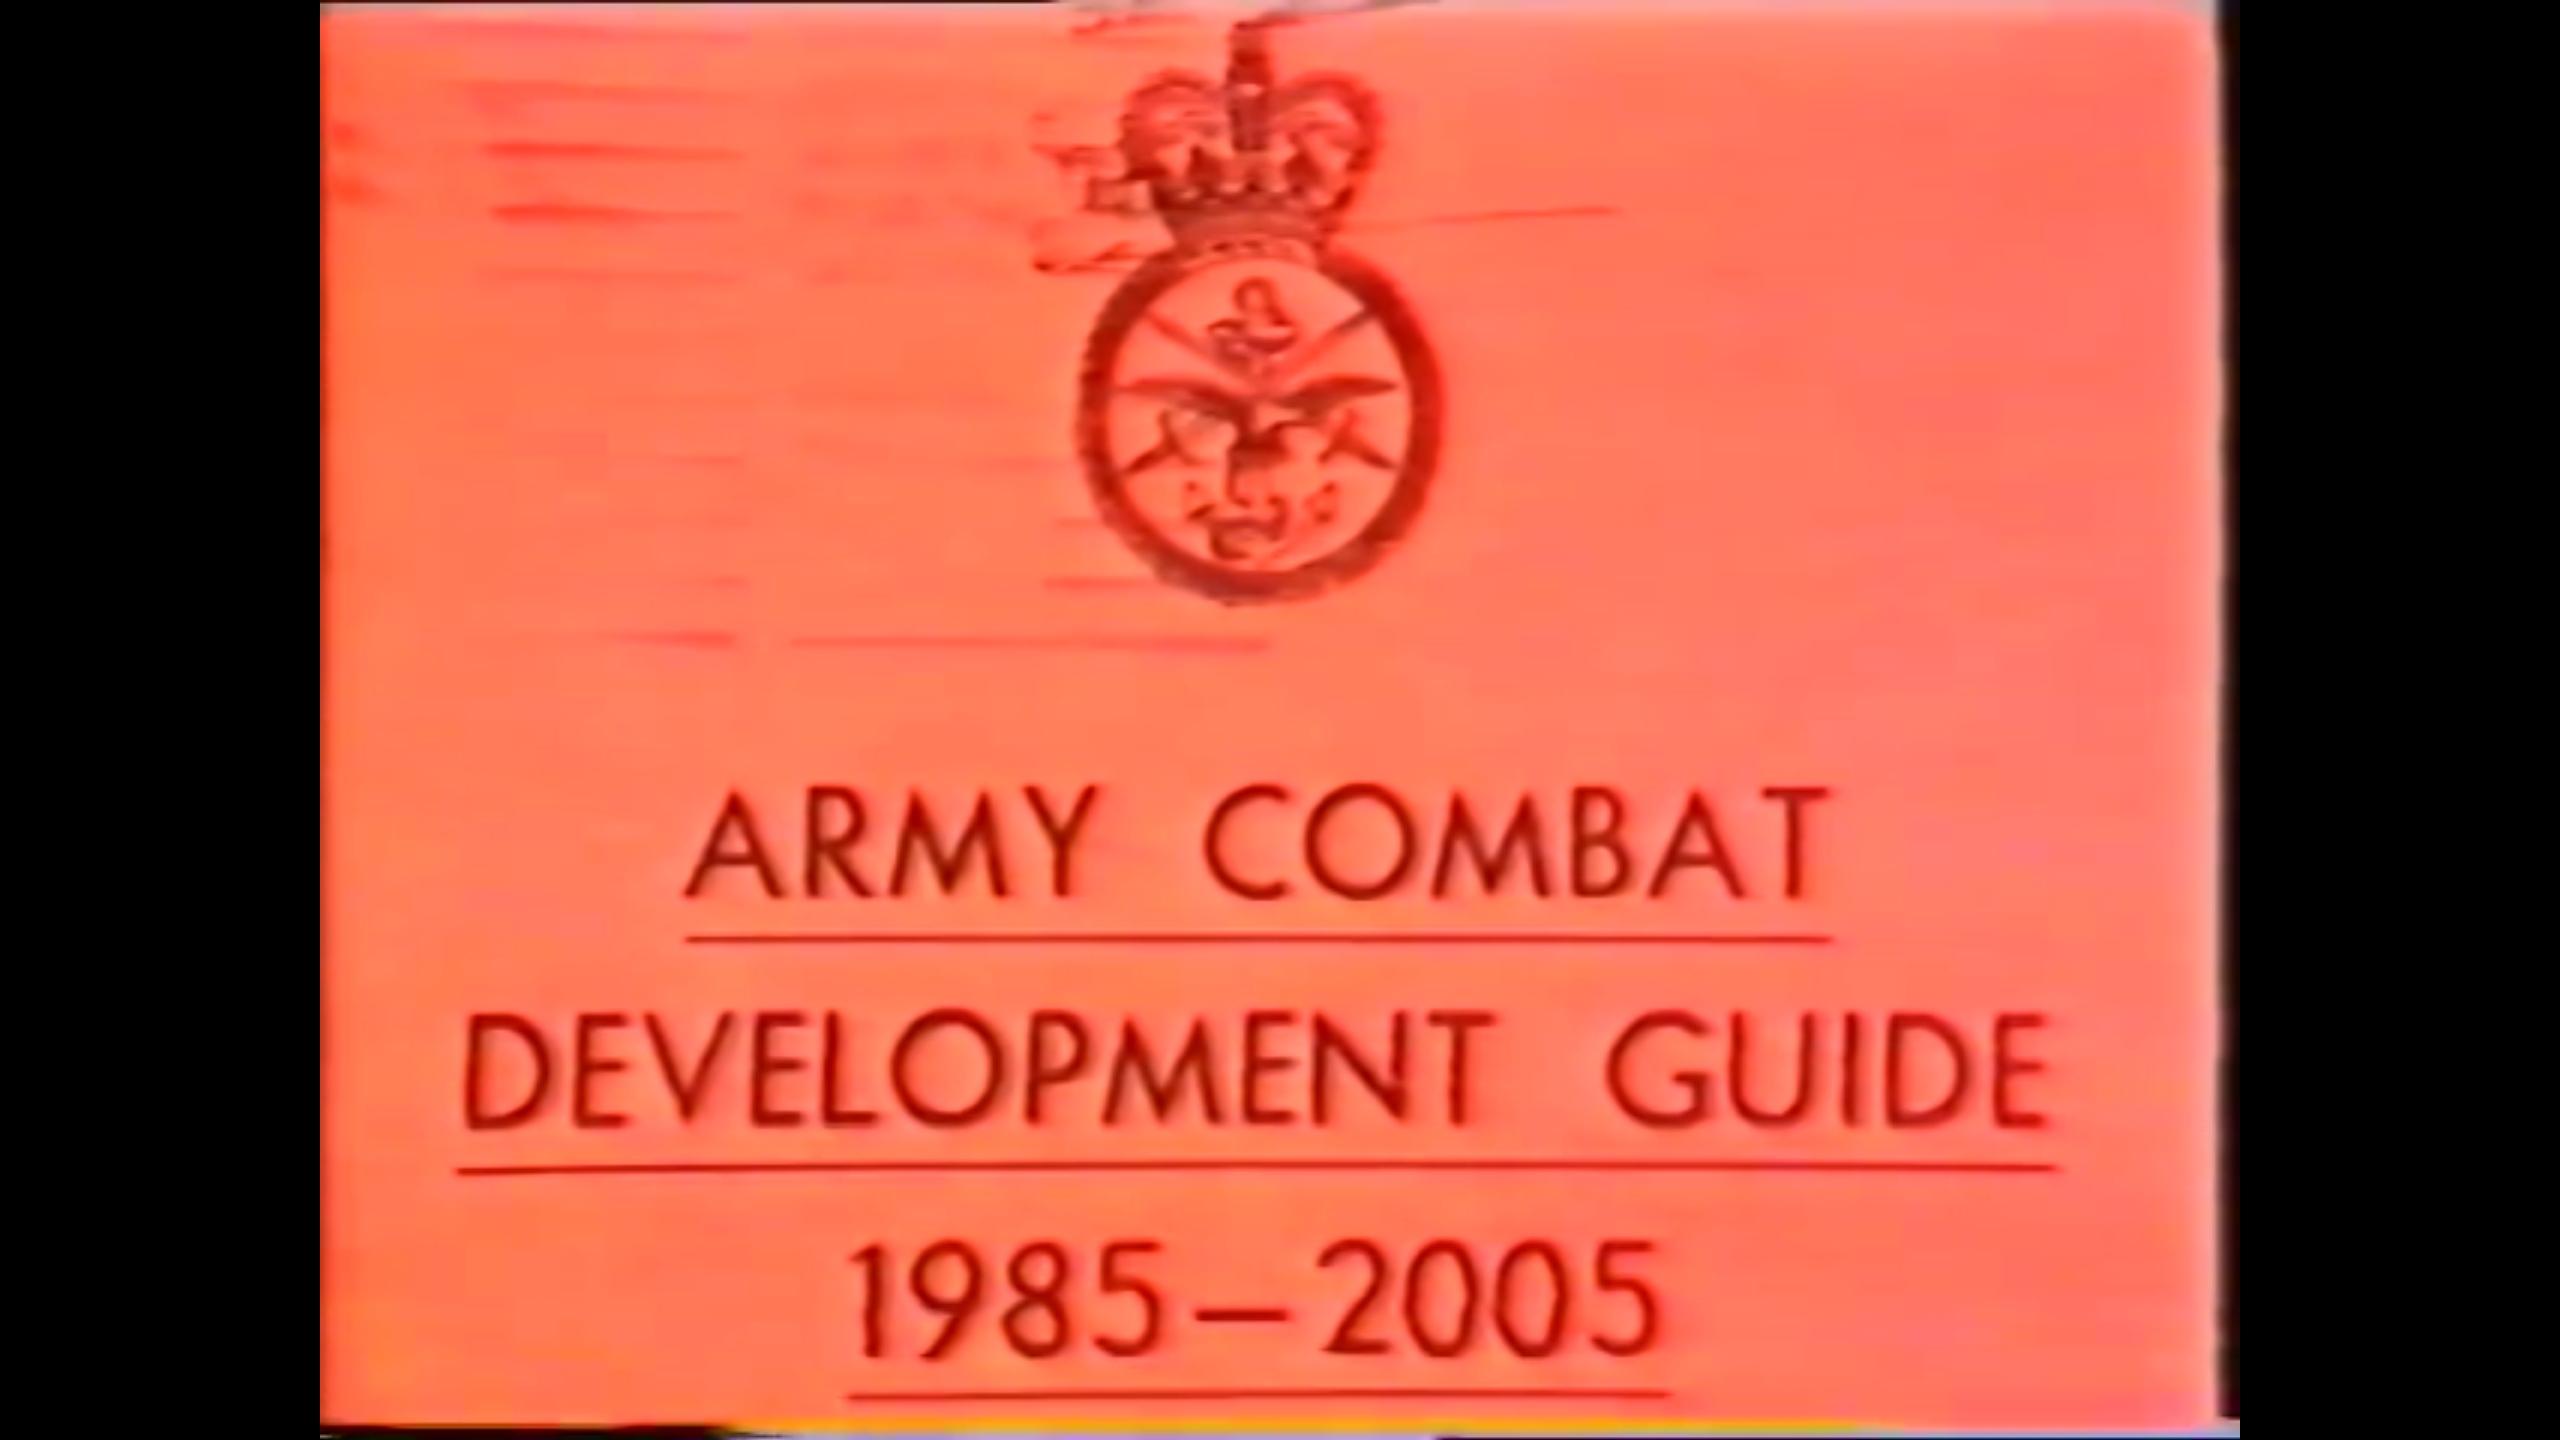 【英语/熟肉/远古】1985年英国陆军装备发展计划简报(1985-2005年)